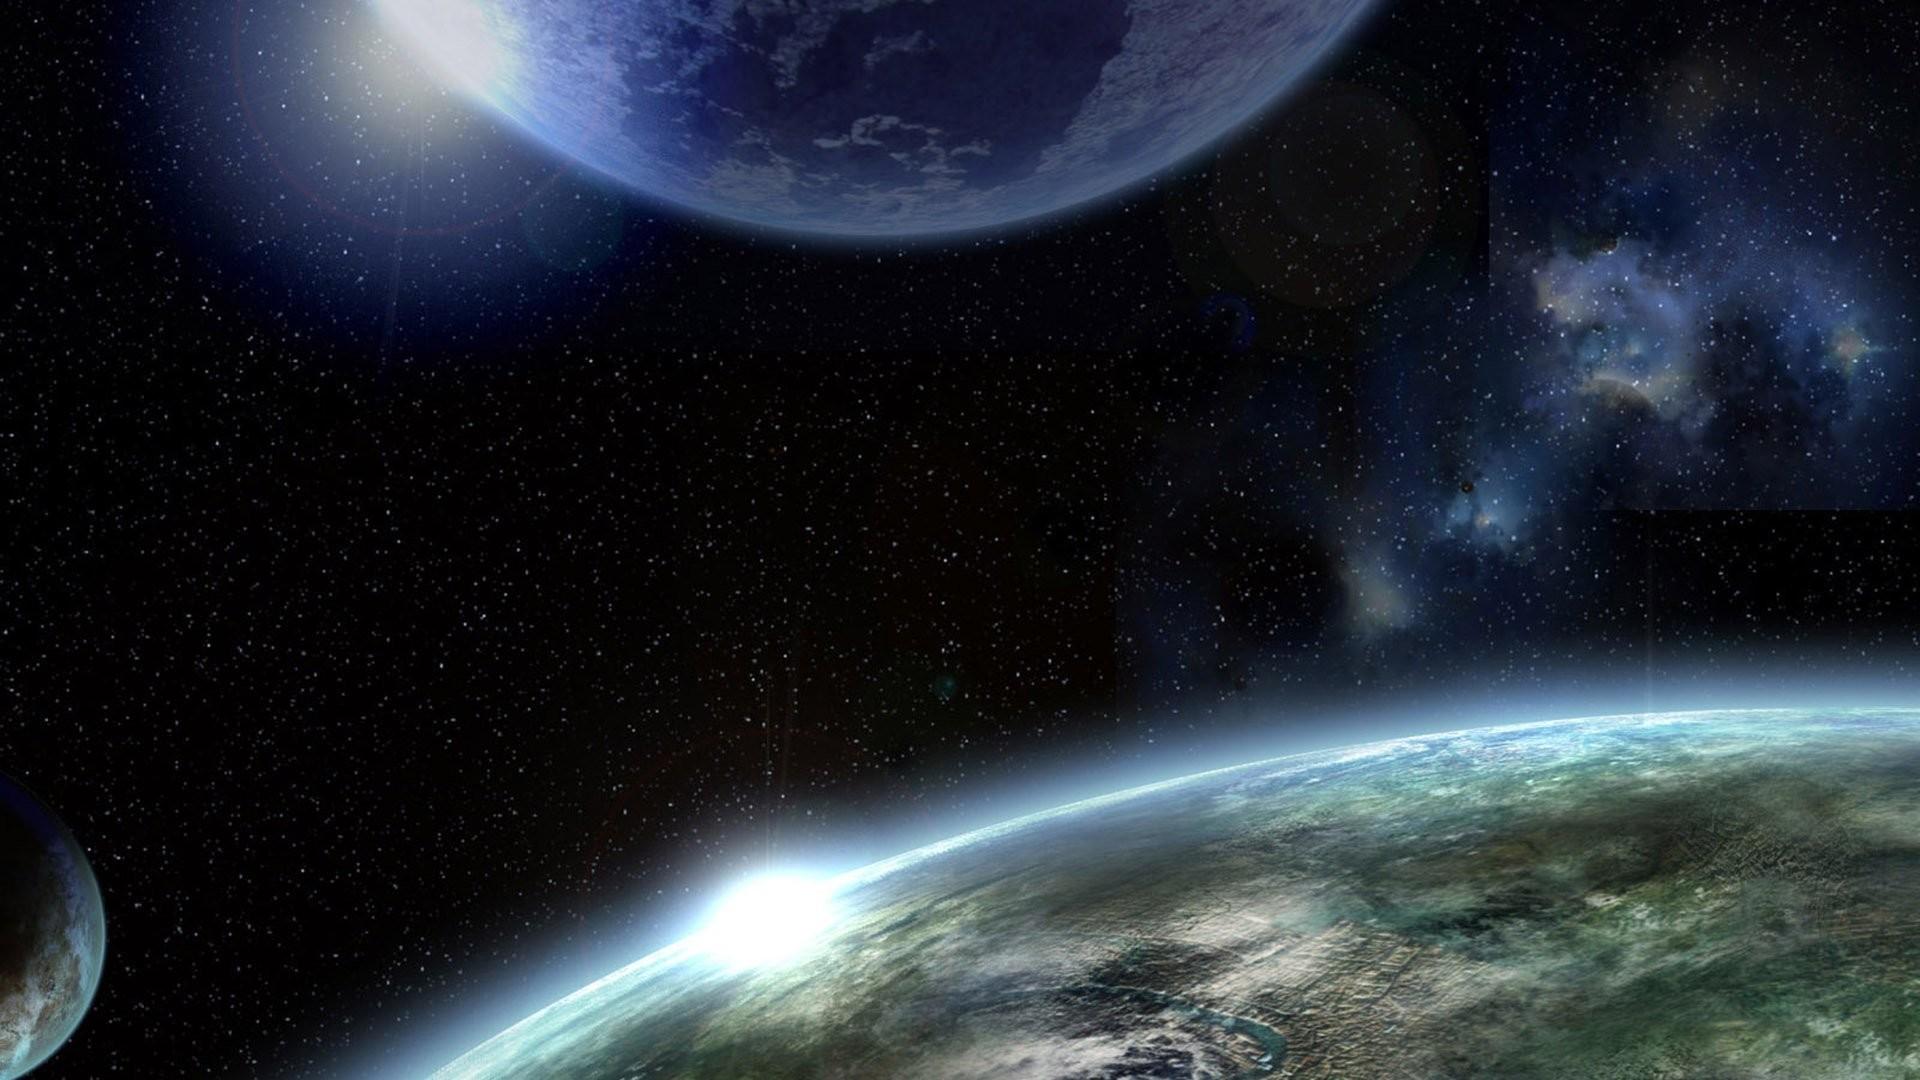 3D Universe Wallpaper (59+ Images